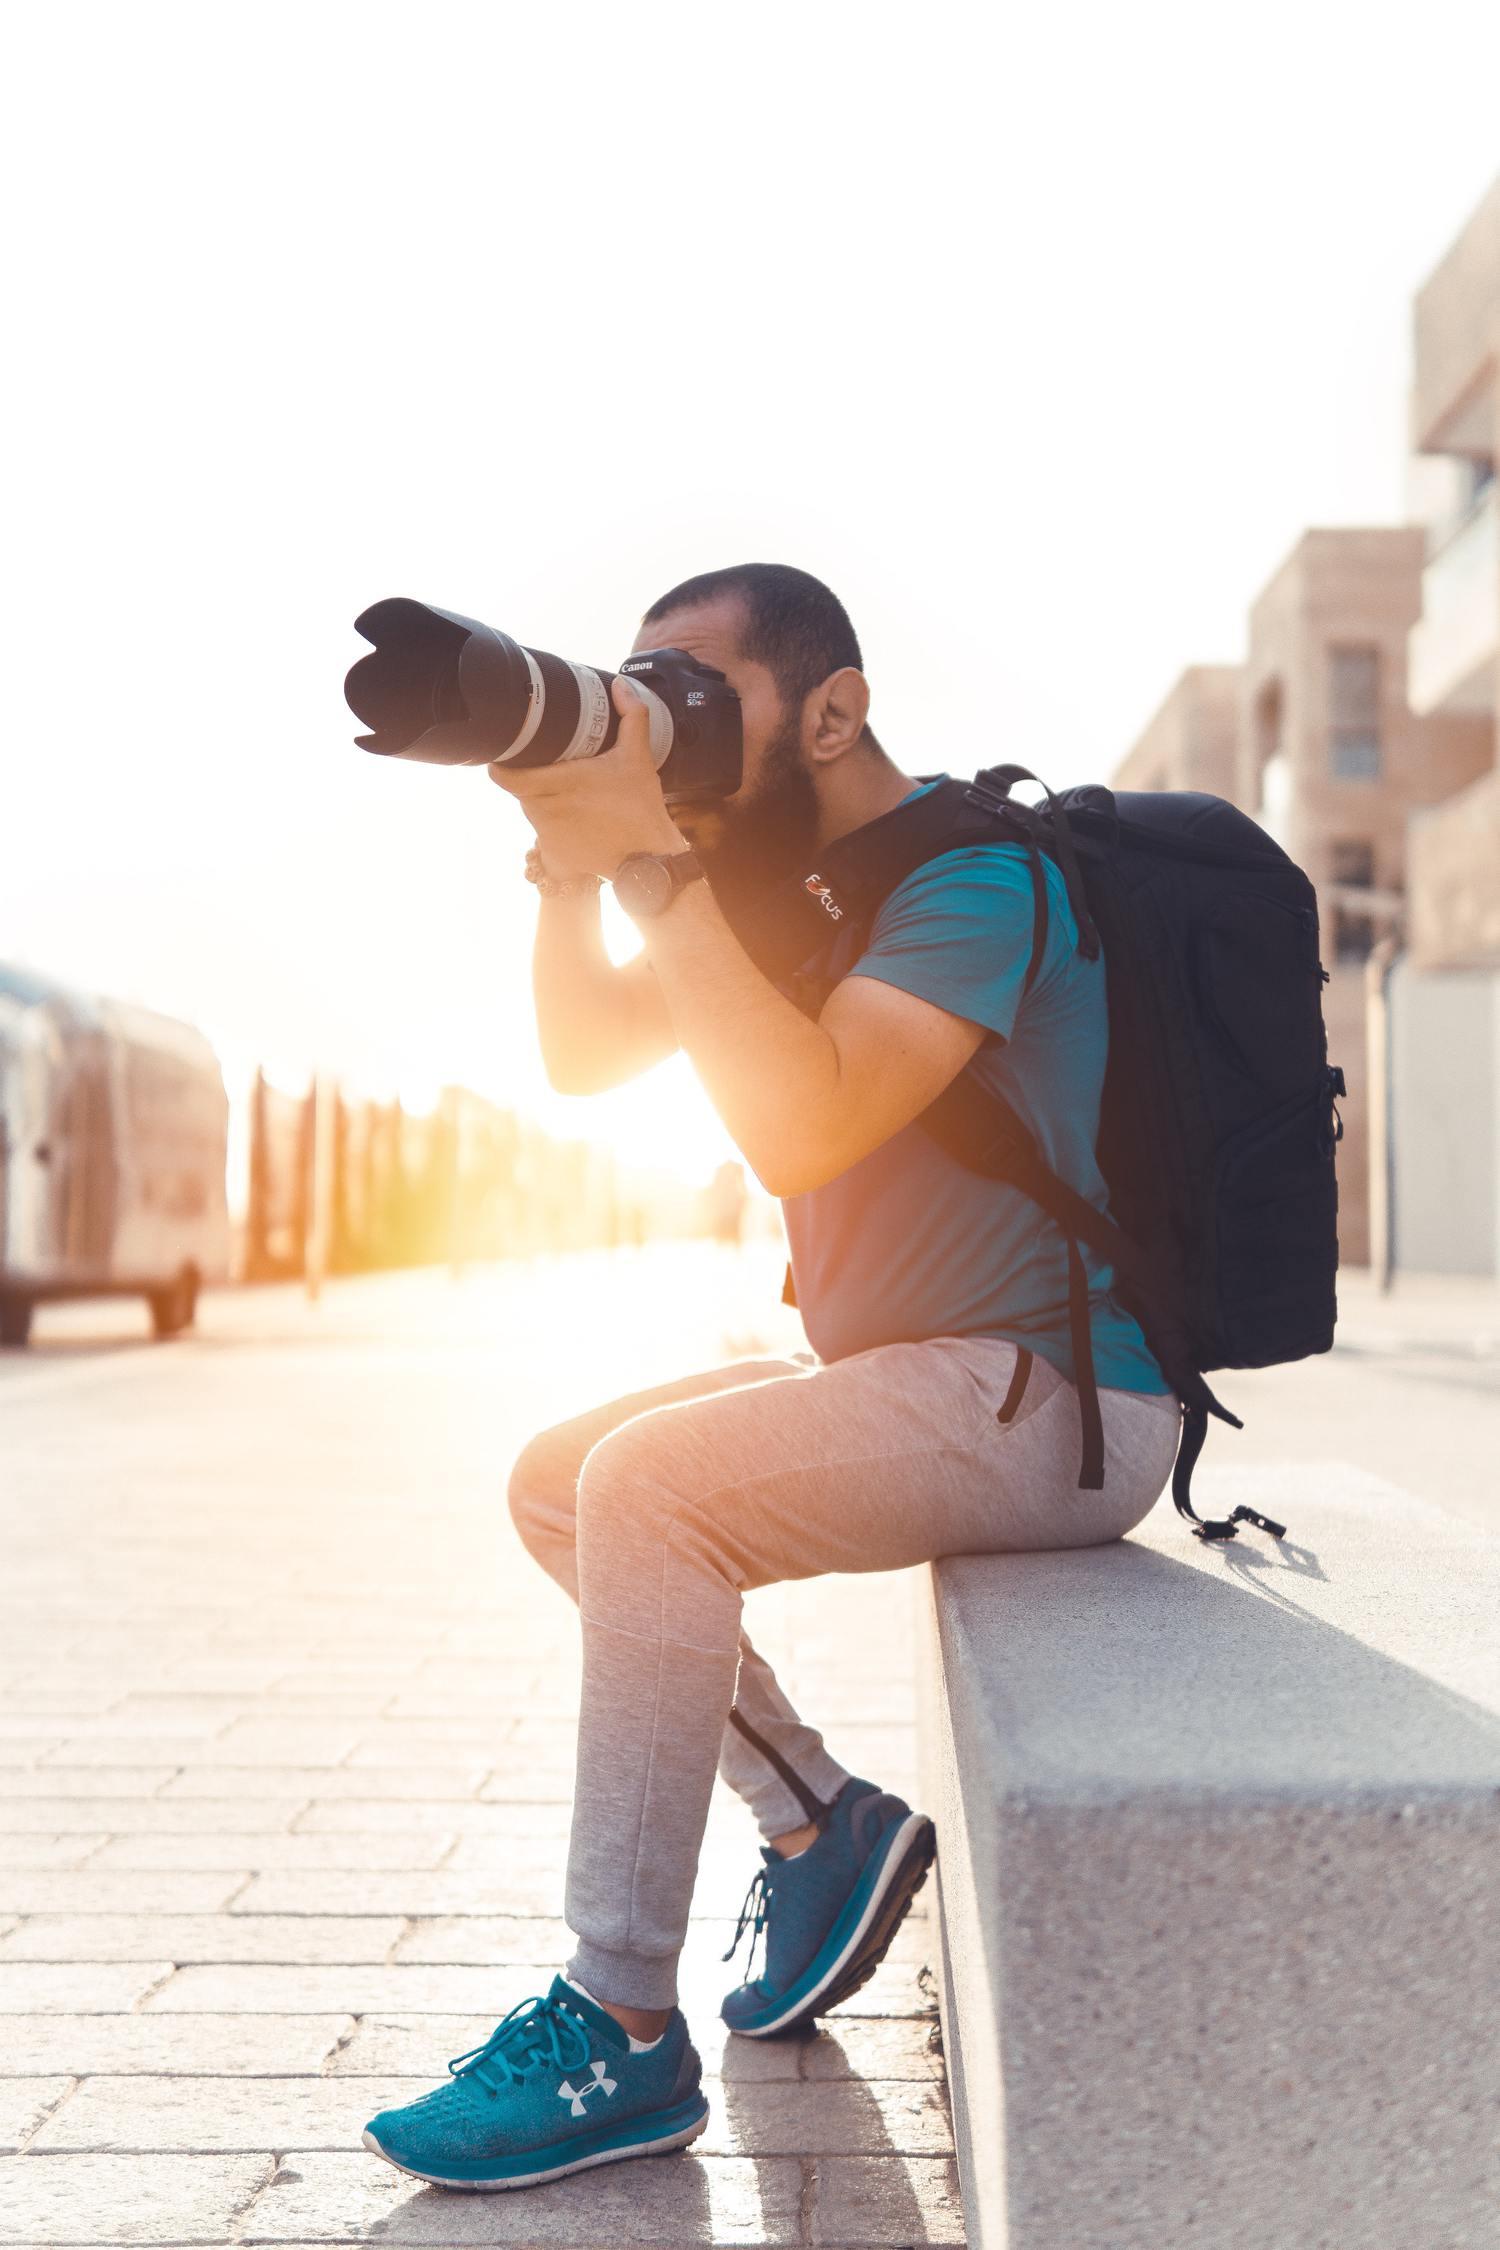 Fotógrafo usando un parasol para el objetivo